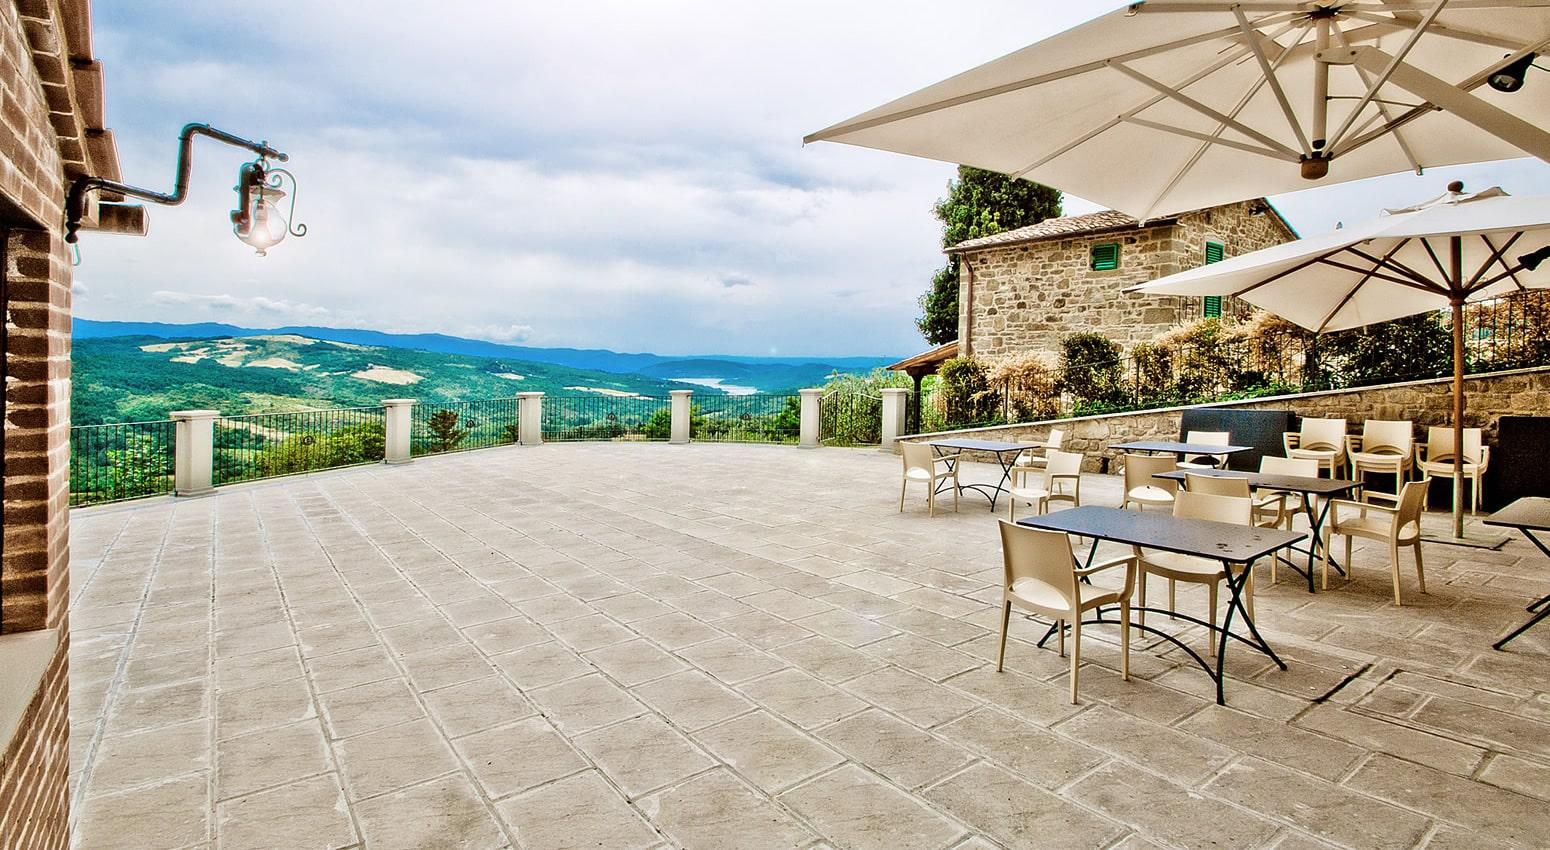 Terrazza panoramica agriturismo Caprese Michelangelo